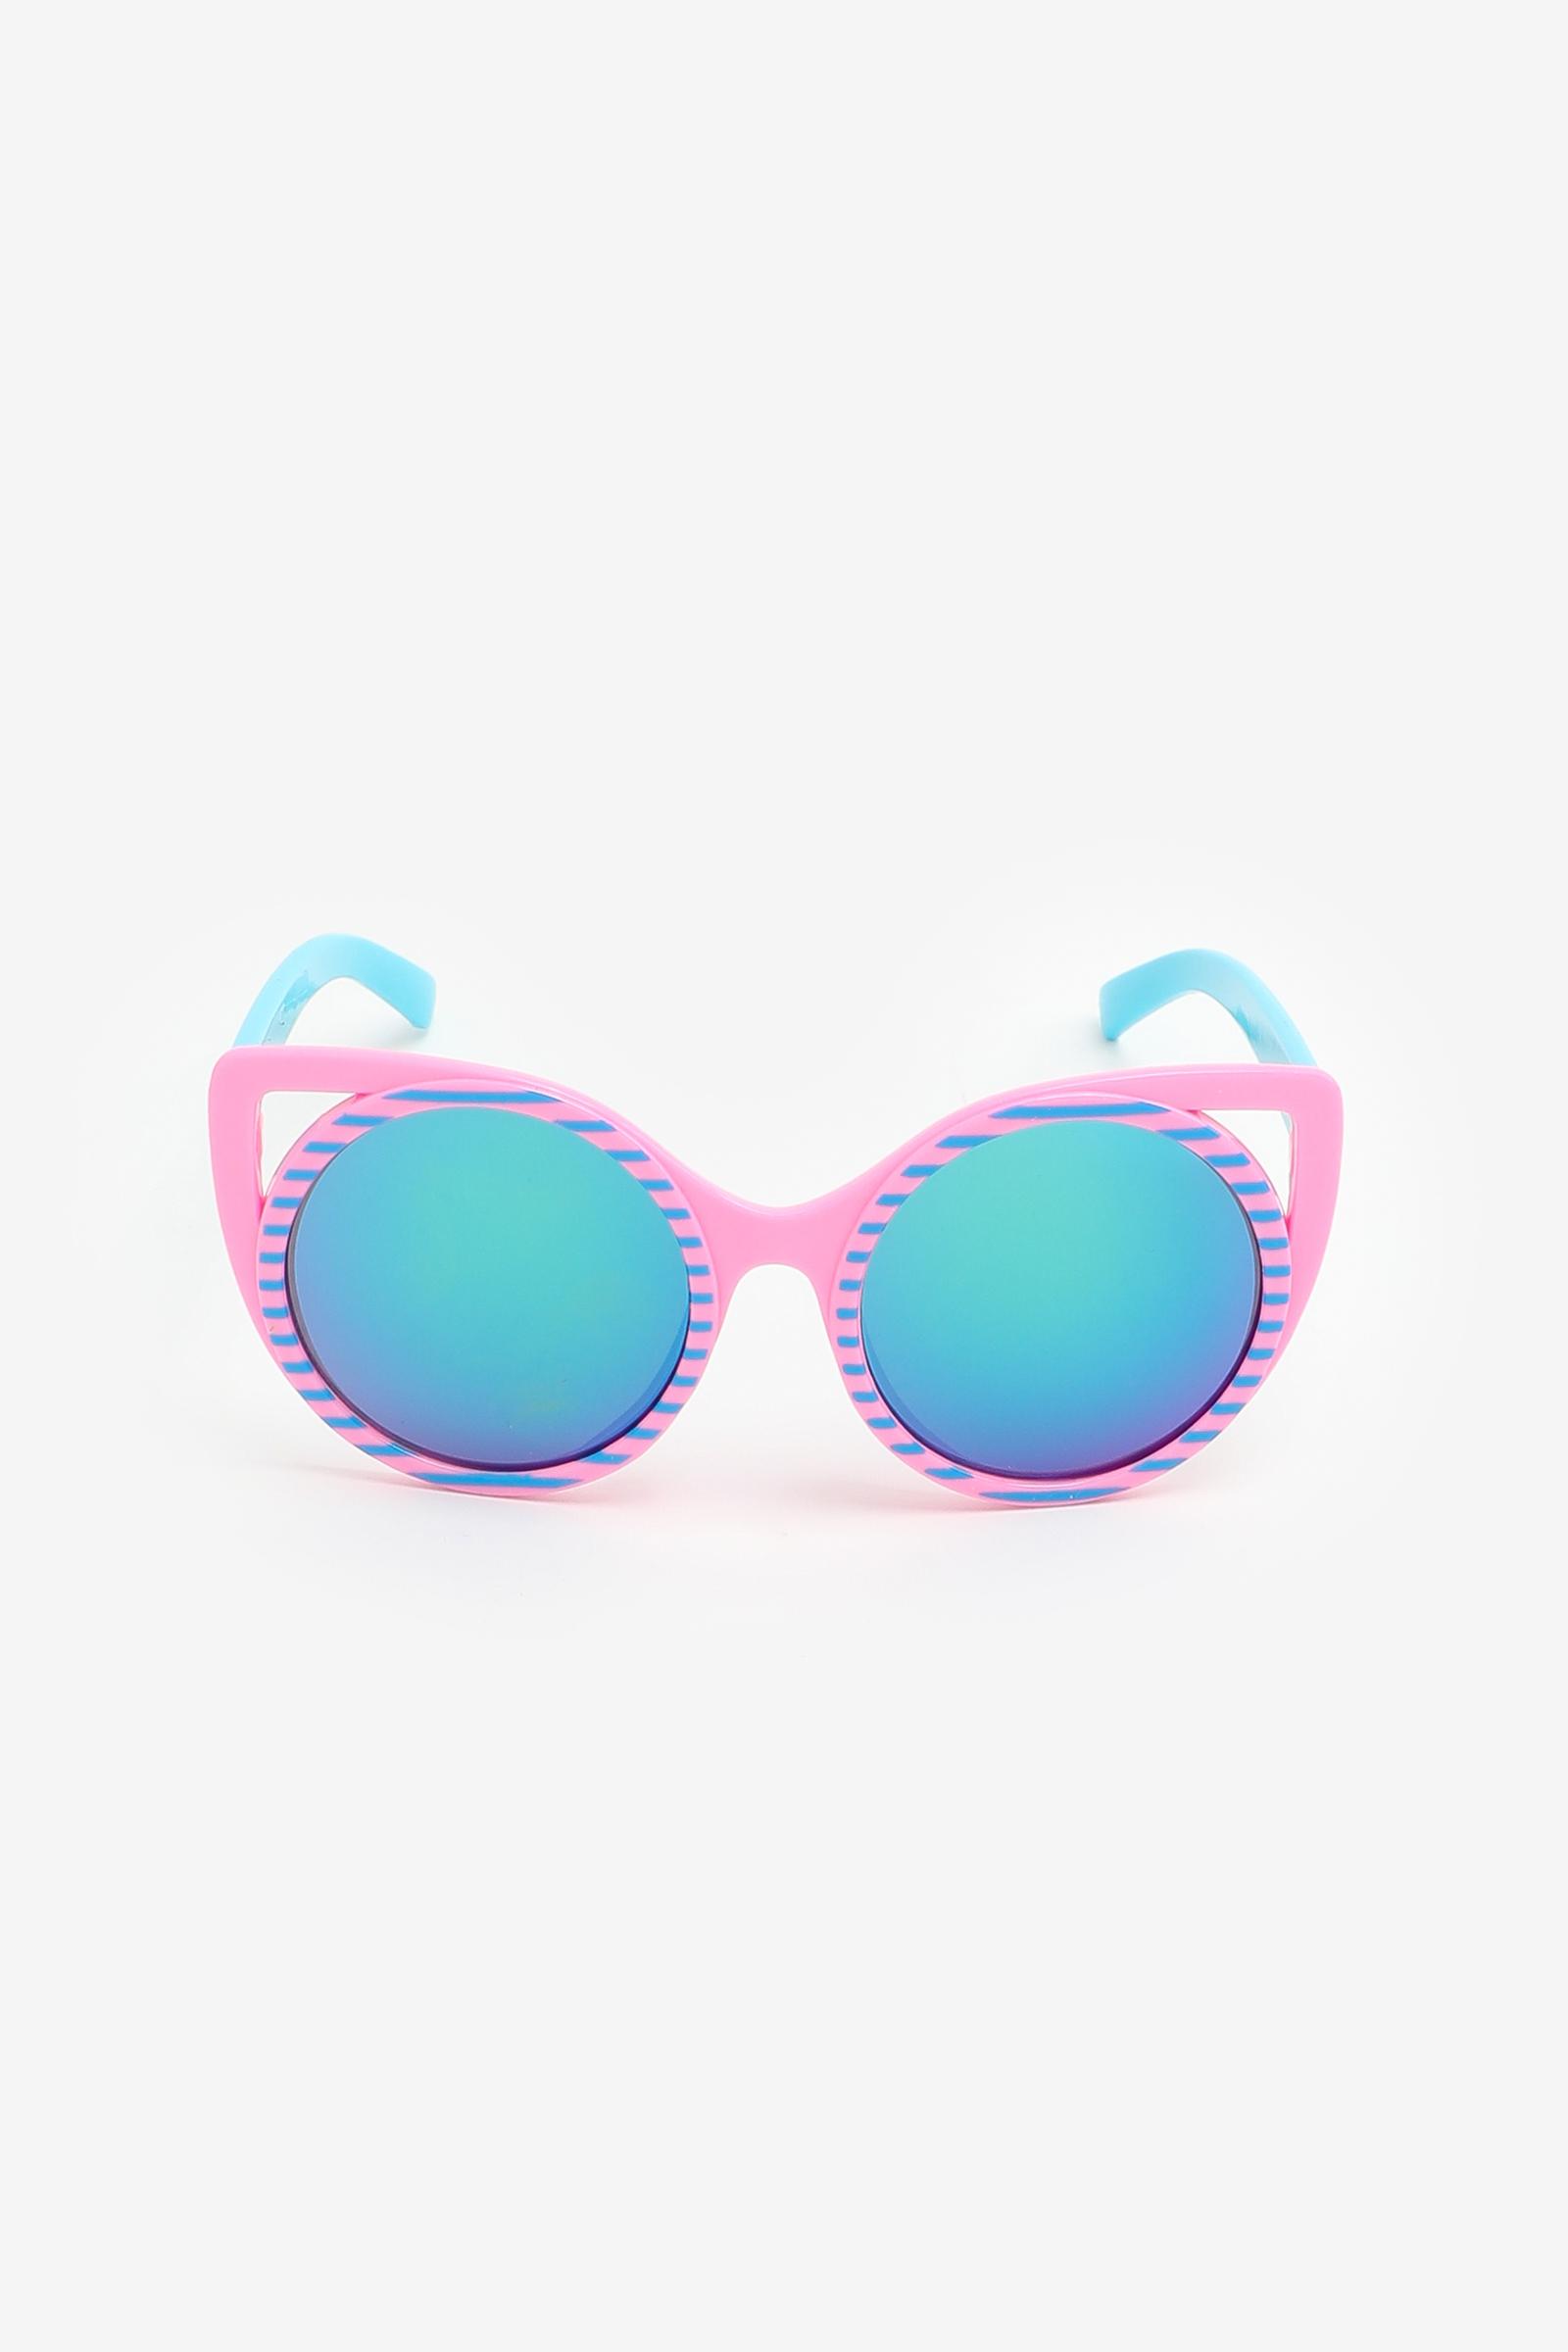 Lunettes oeil de chat pour enfants